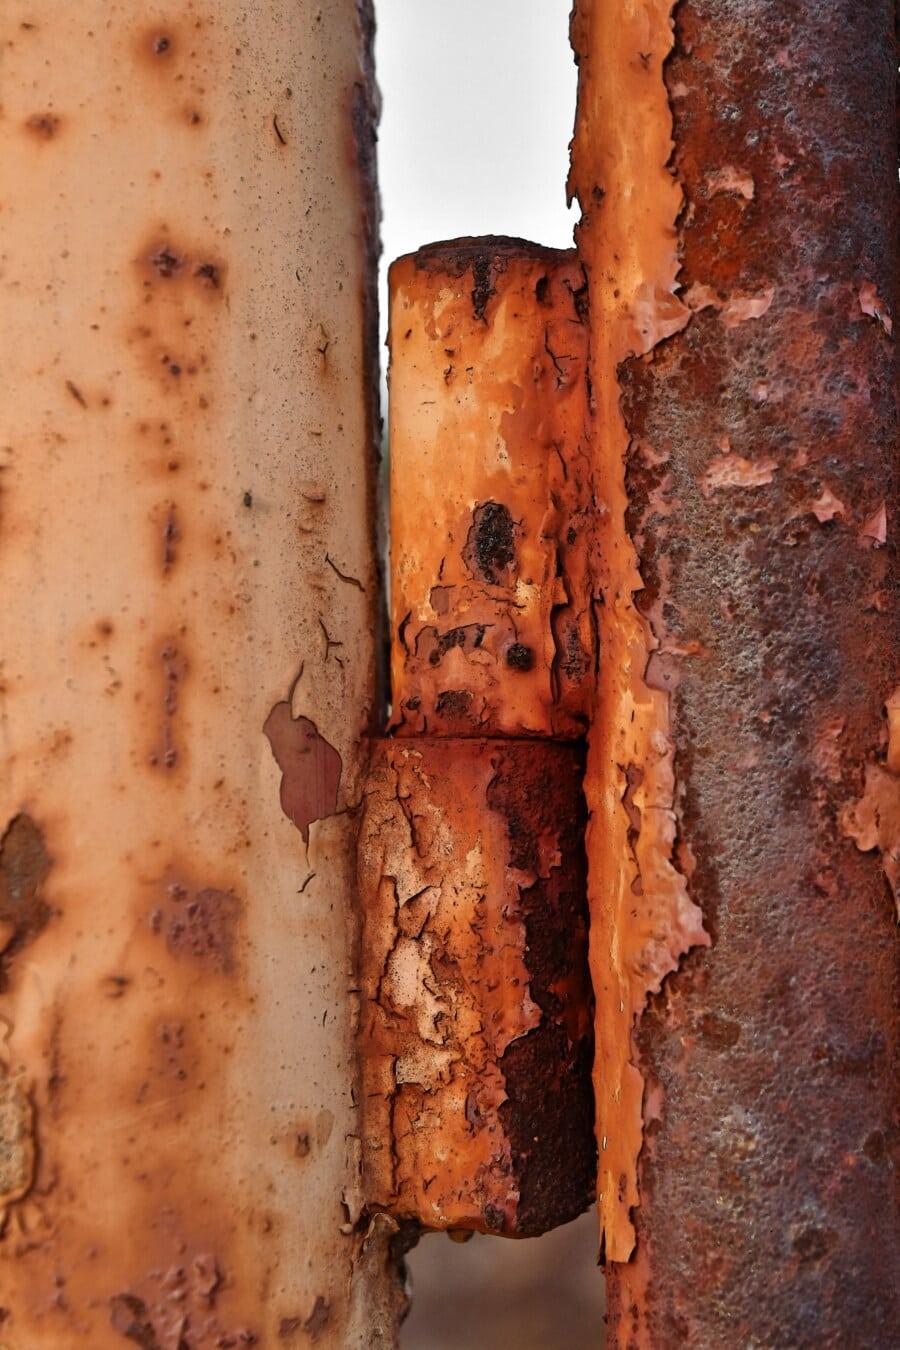 hrđe, lijevano željezo, propadanje, cijevi, tekstura, staro, željezo, prljavi, čelik, metalik